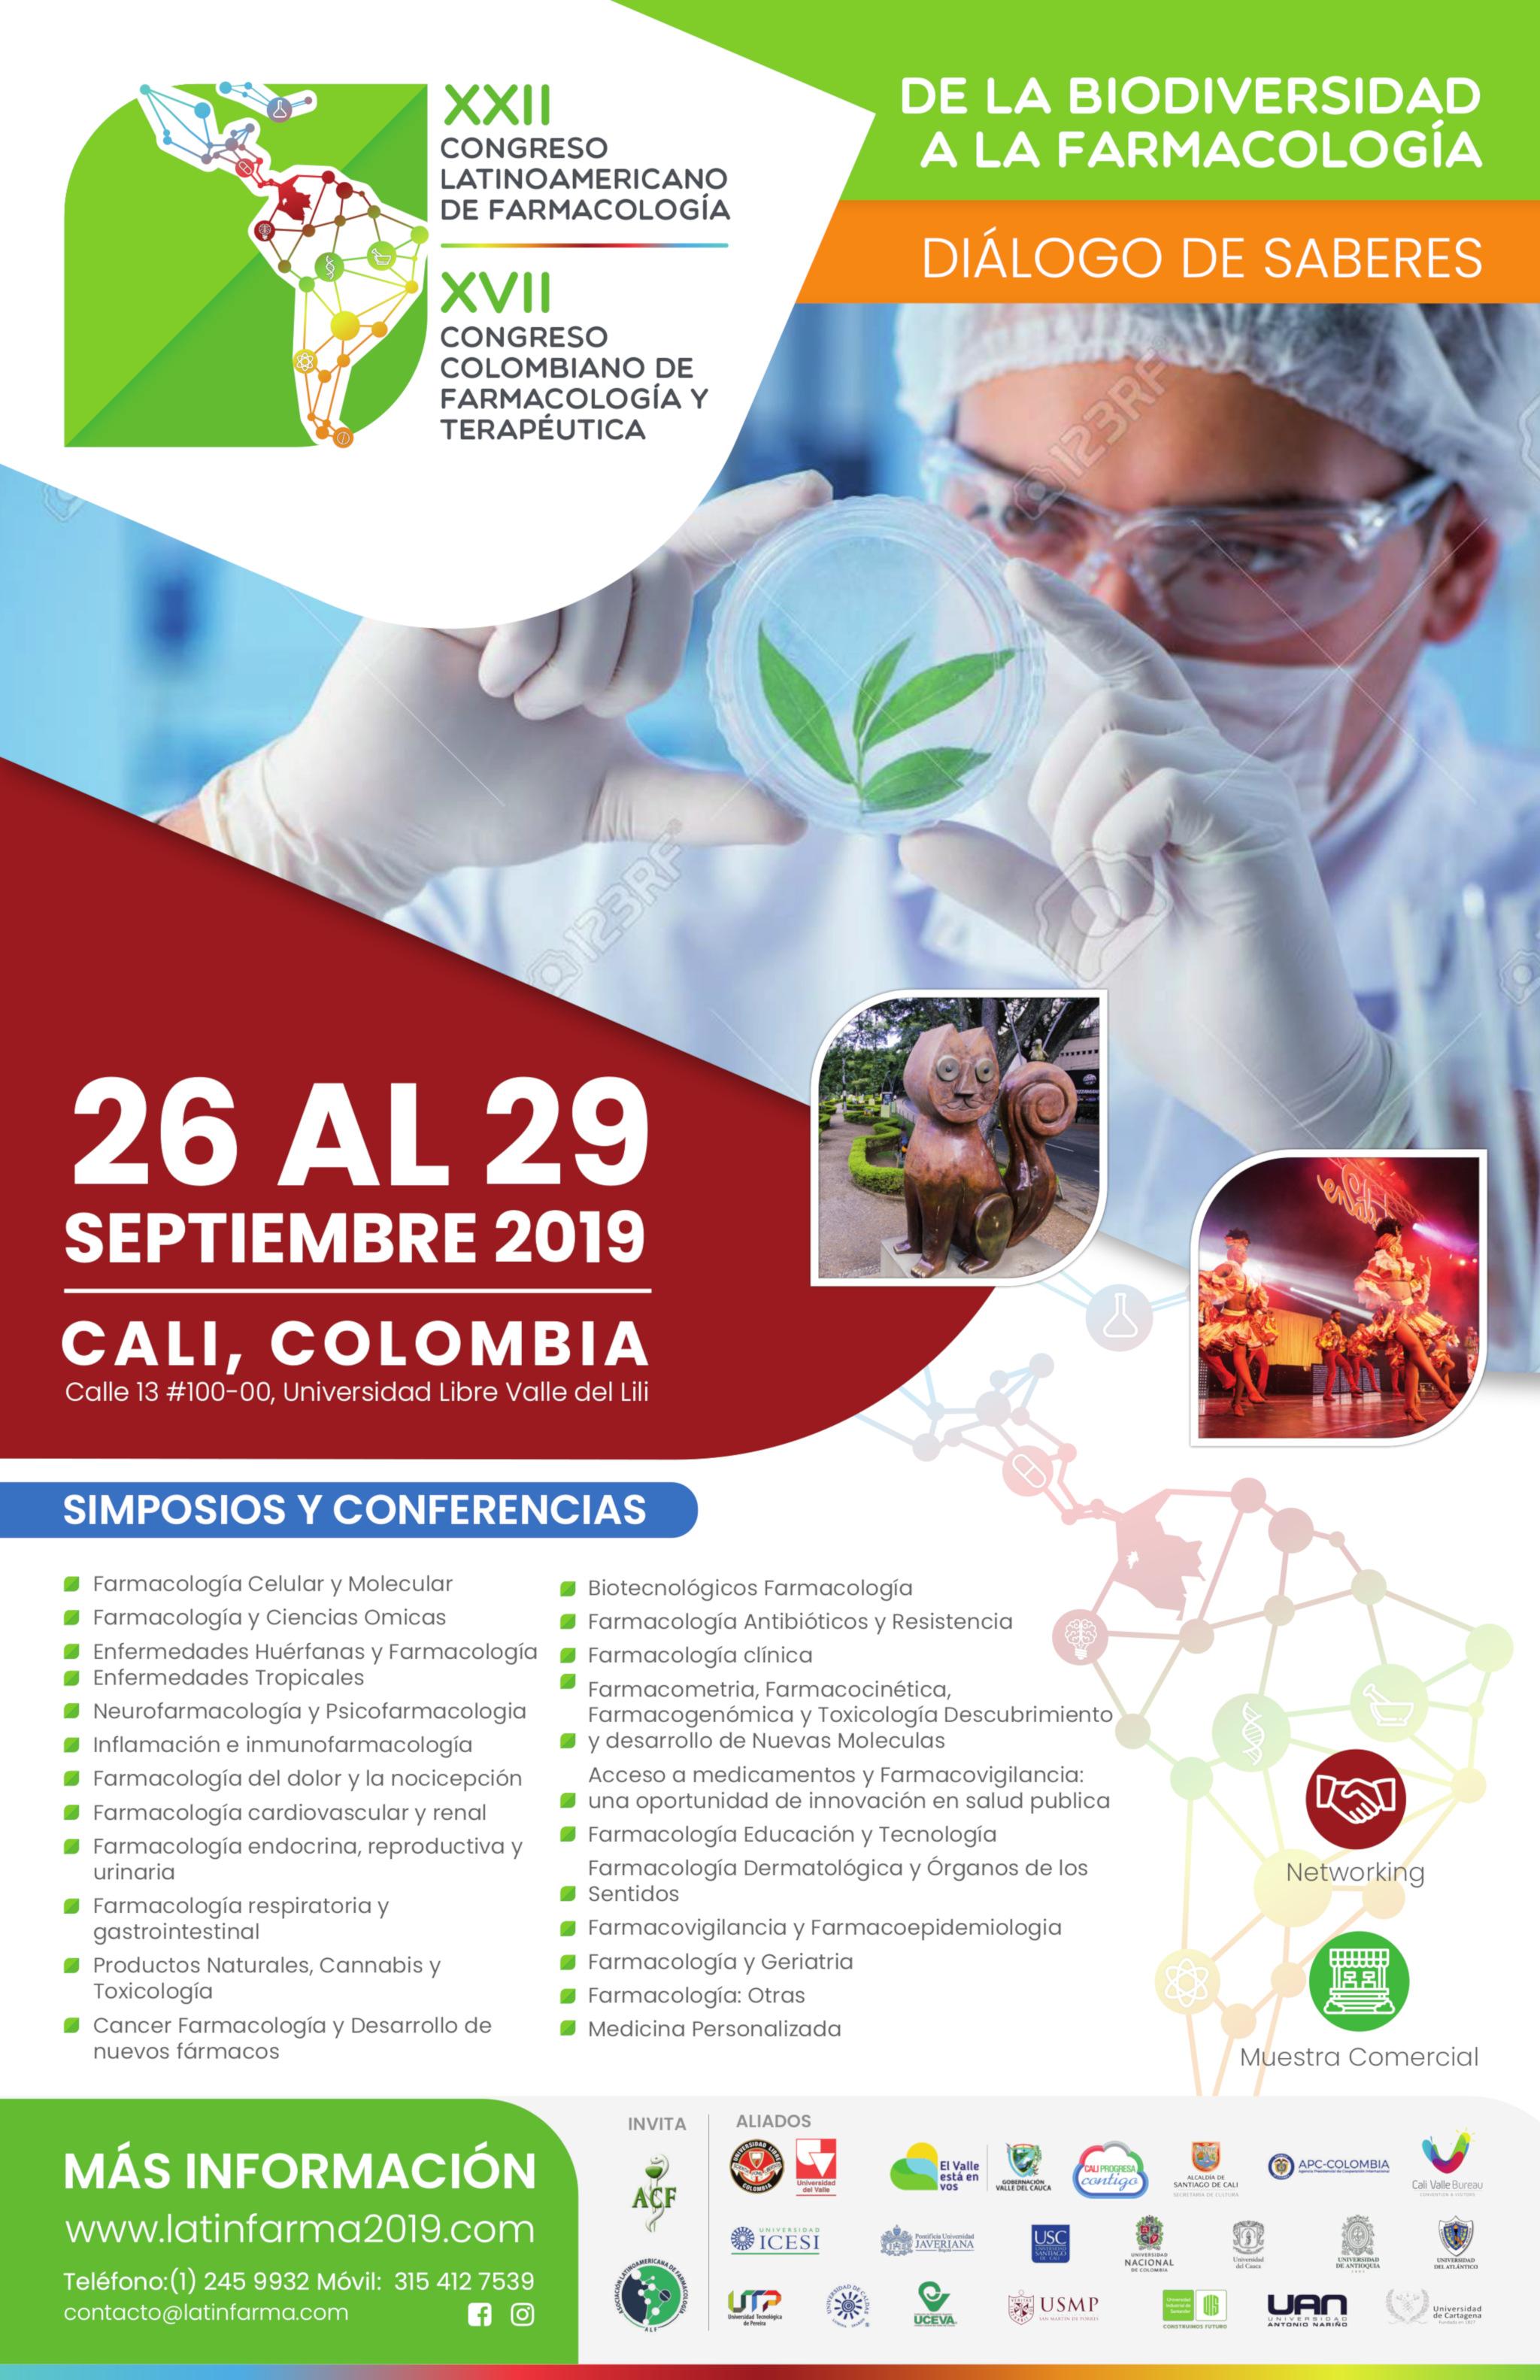 [Convocatoria de ponencias]  XVII Congreso Colombiano de Farmacología y Terapéutica y XXII Congreso Latinoamericano de Farmacología (Latinfarma 2019)